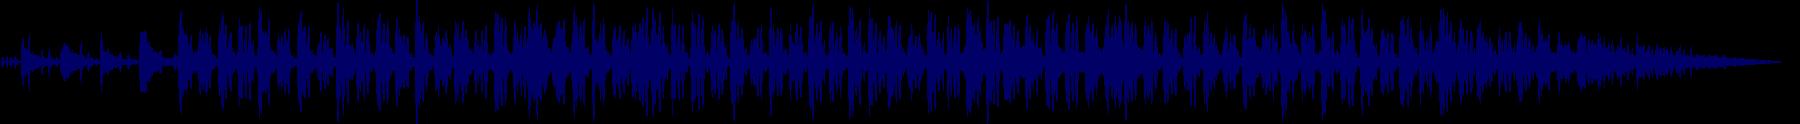 waveform of track #71133